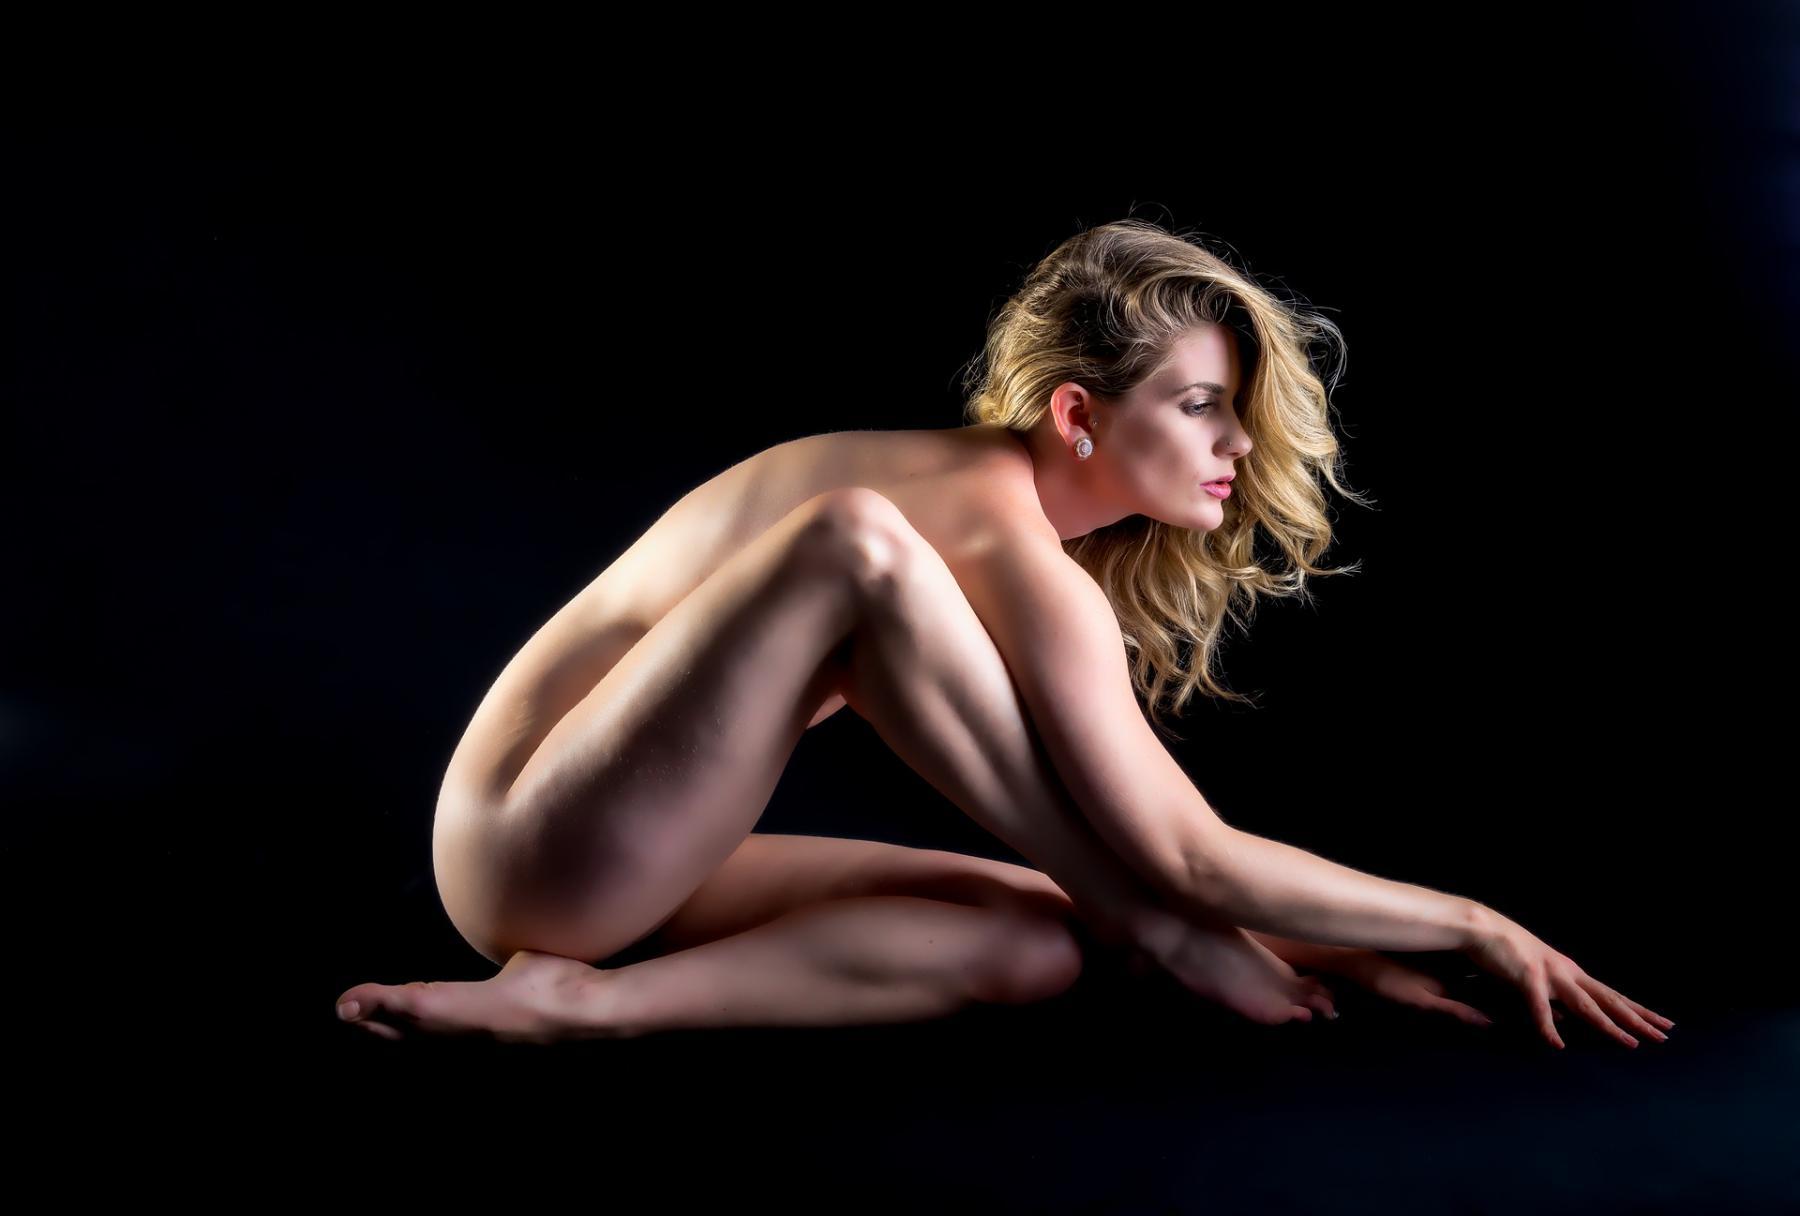 Фото Слишком много секса: когда лучше воздержаться 2